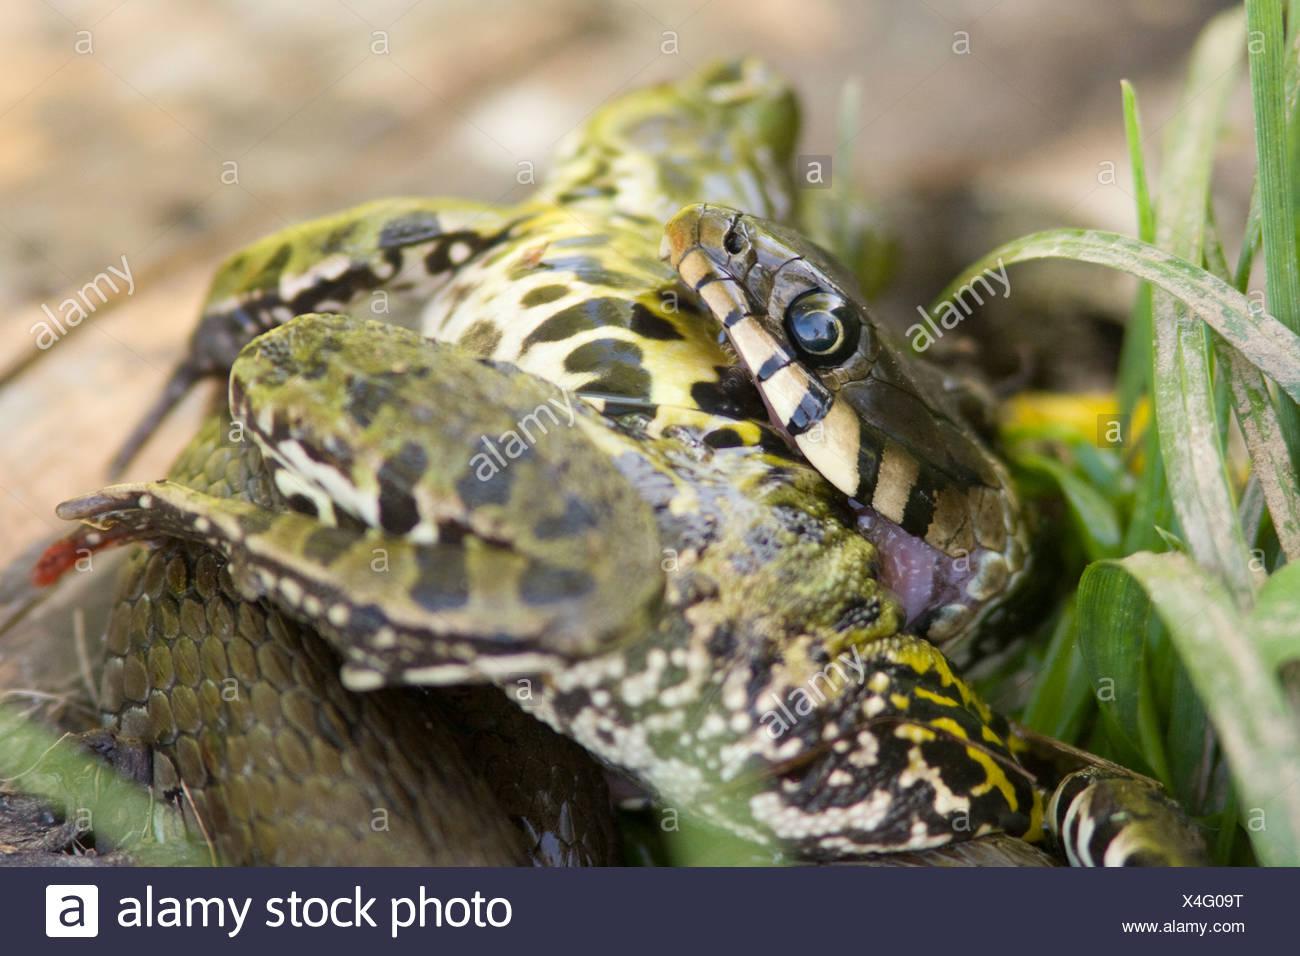 Een Ringslang heeft een forse Bastaardkikker gevangen en heeft grote moeite om deze prooi naar binnen te werken. A Grass Snake just caught a large Green Frog and is struggling to swallow this oversized prey. Stock Photo